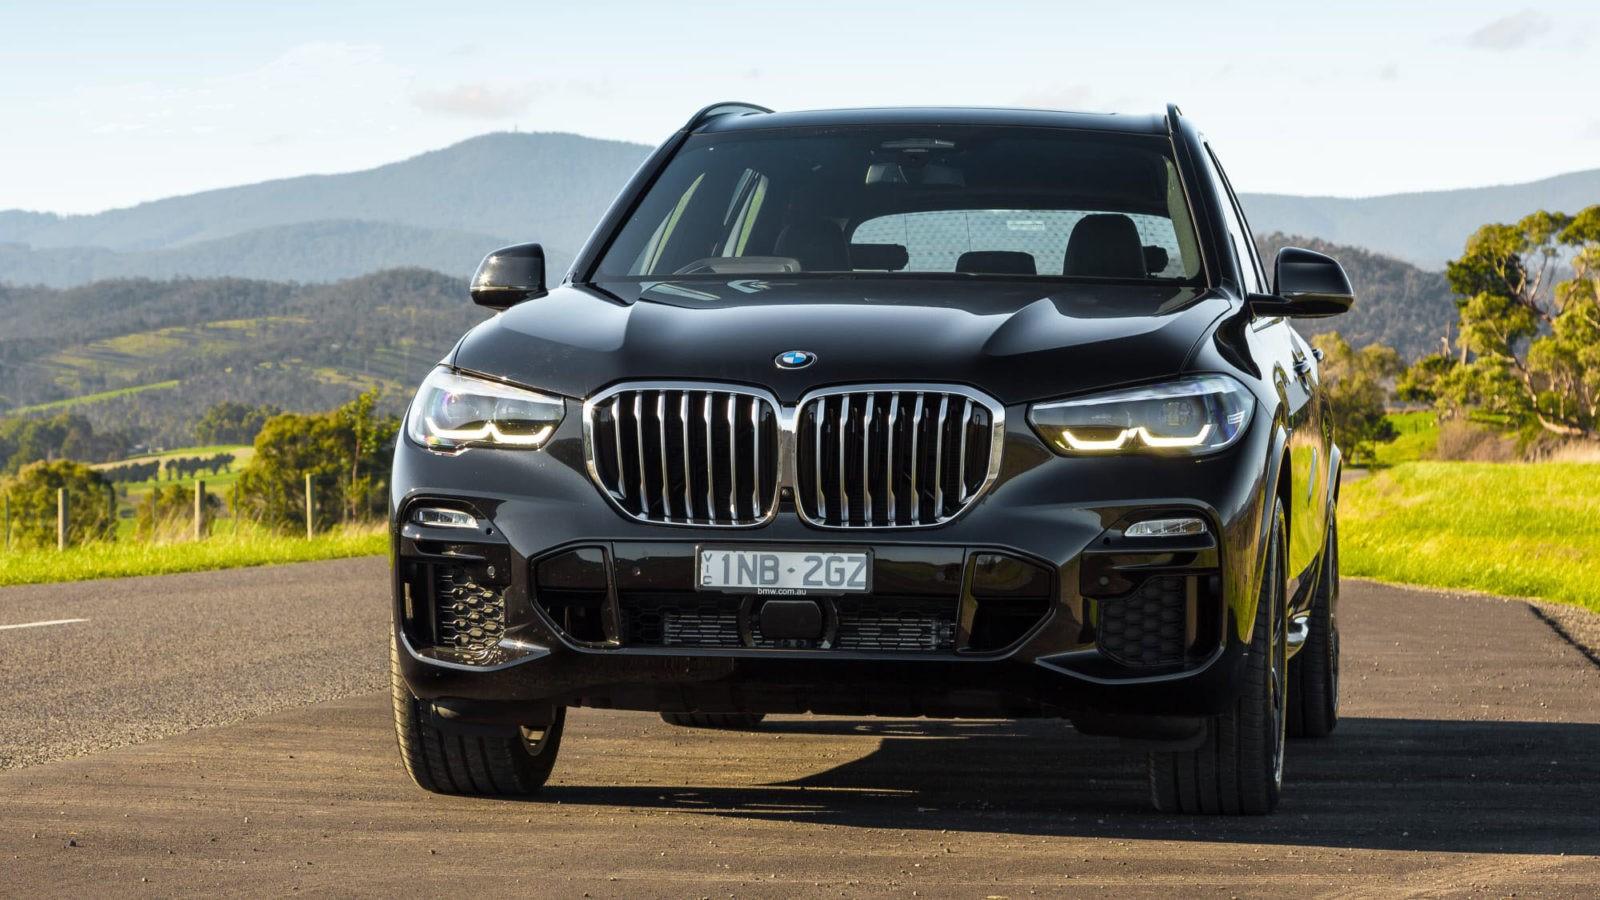 Новый БМВ ИКС5 2020 (BMW X5): фото, технические характеристики, цена, дата  выхода — видео